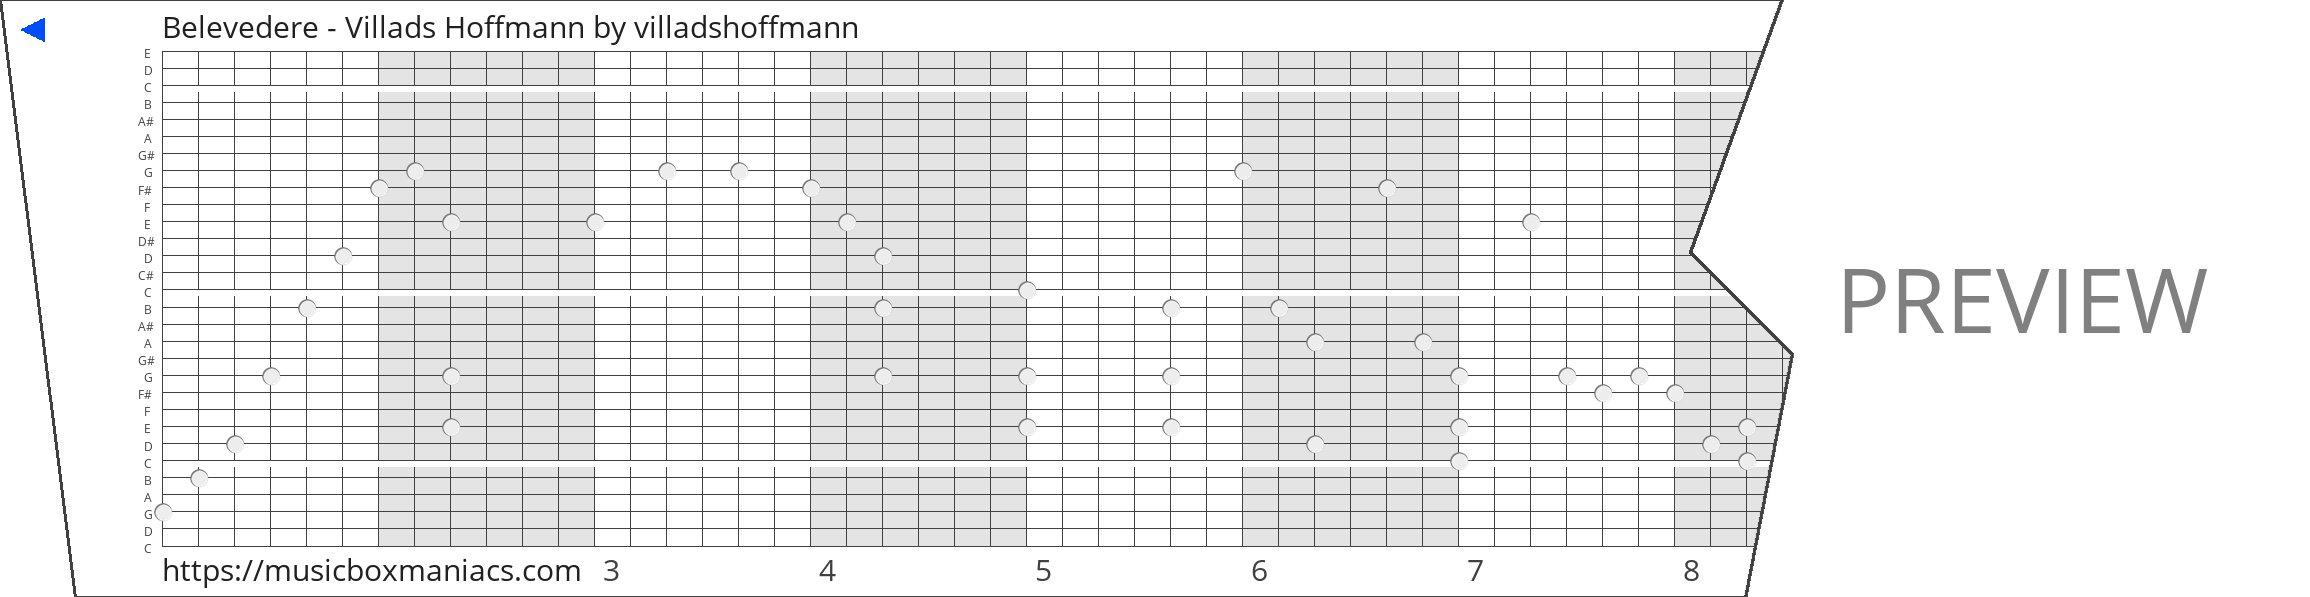 Belevedere - Villads Hoffmann 30 note music box paper strip